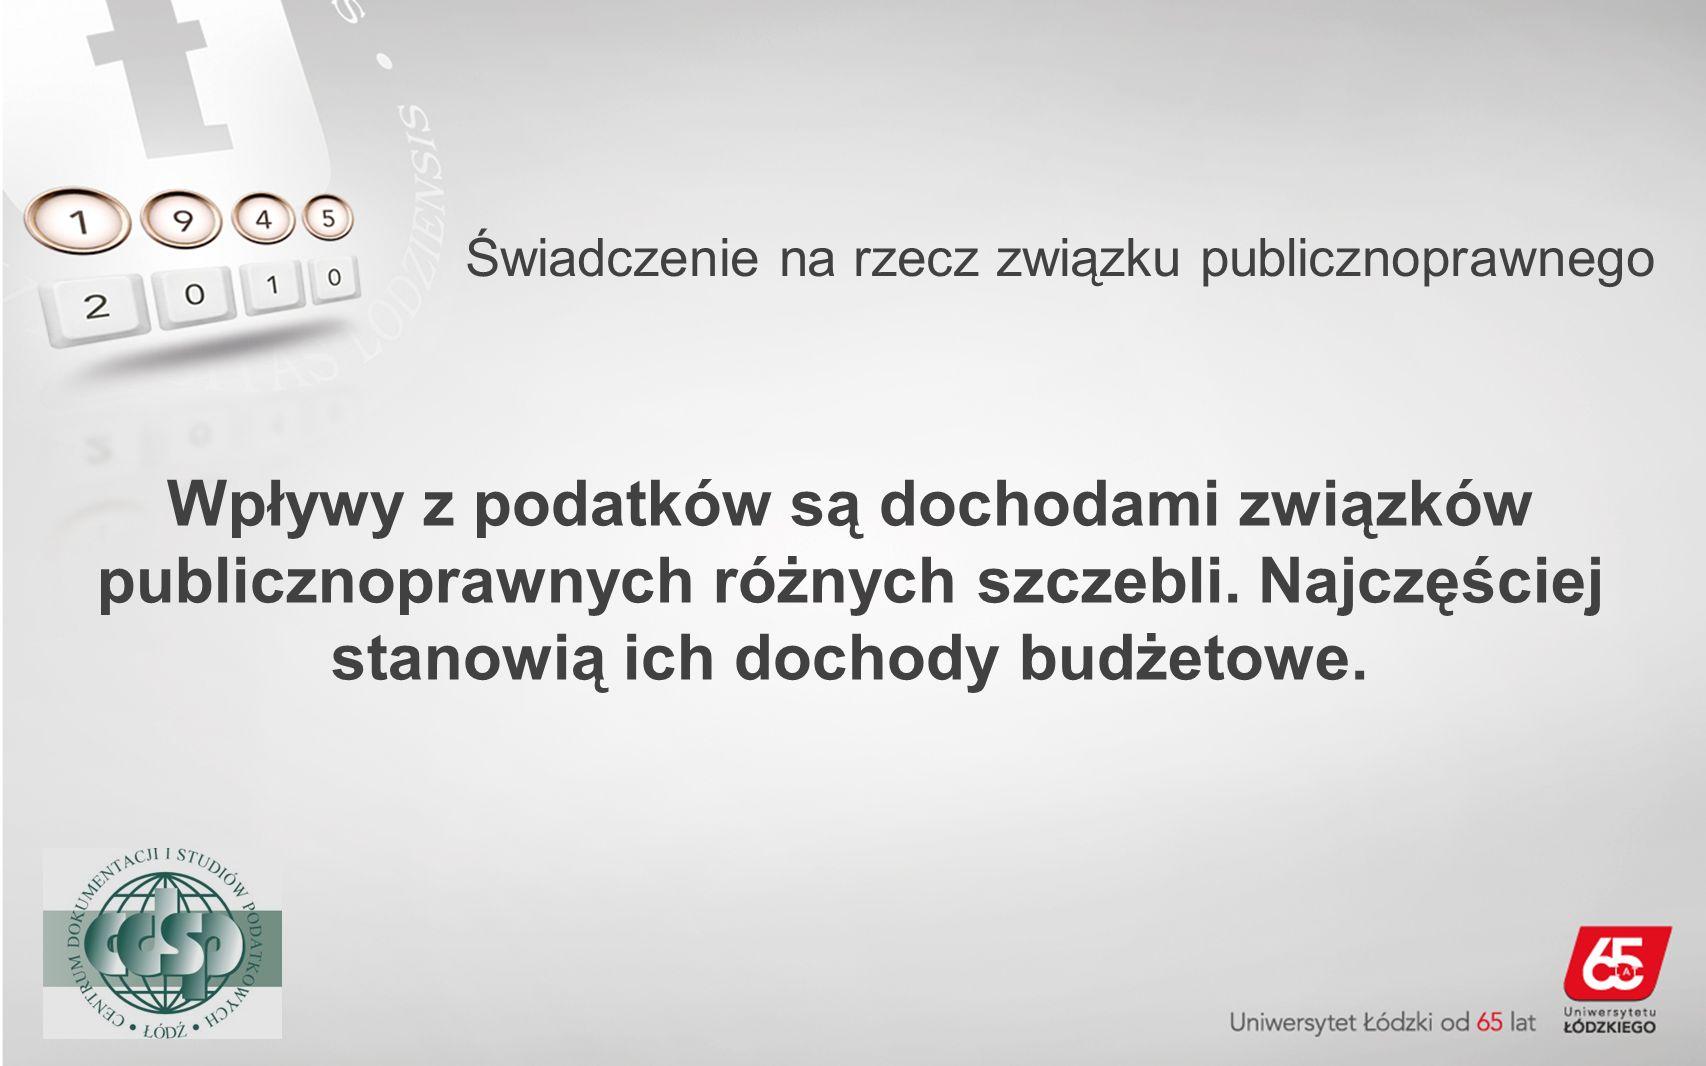 Świadczenie na rzecz związku publicznoprawnego Wpływy z podatków są dochodami związków publicznoprawnych różnych szczebli. Najczęściej stanowią ich do